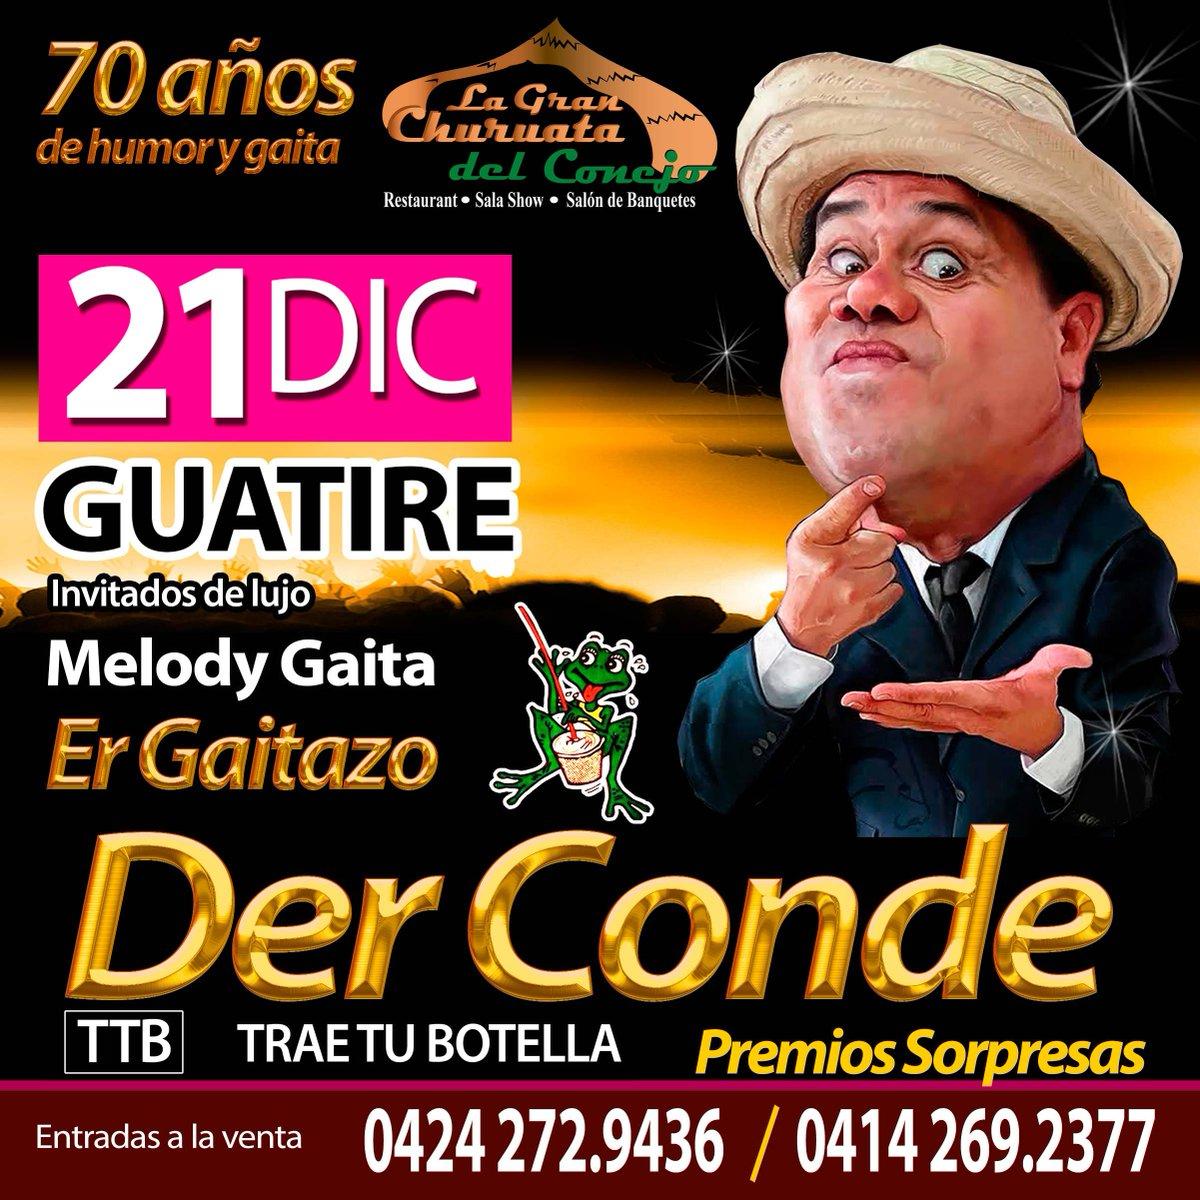 Jodedores!! Este 21 de diciembre #ErGaitazo #DerConde llega a #Guatire en la Gran #ChuruataDelConejo celebrando los #70años de humor y gaita junto a #MelodyGaita  Y en el mejor formato de todos #TBT #TraeTuBotella  Info: 0412 011.9769 / 0424 272.9436/ 0414 269.2377 https://t.co/U5PBFdVWIS